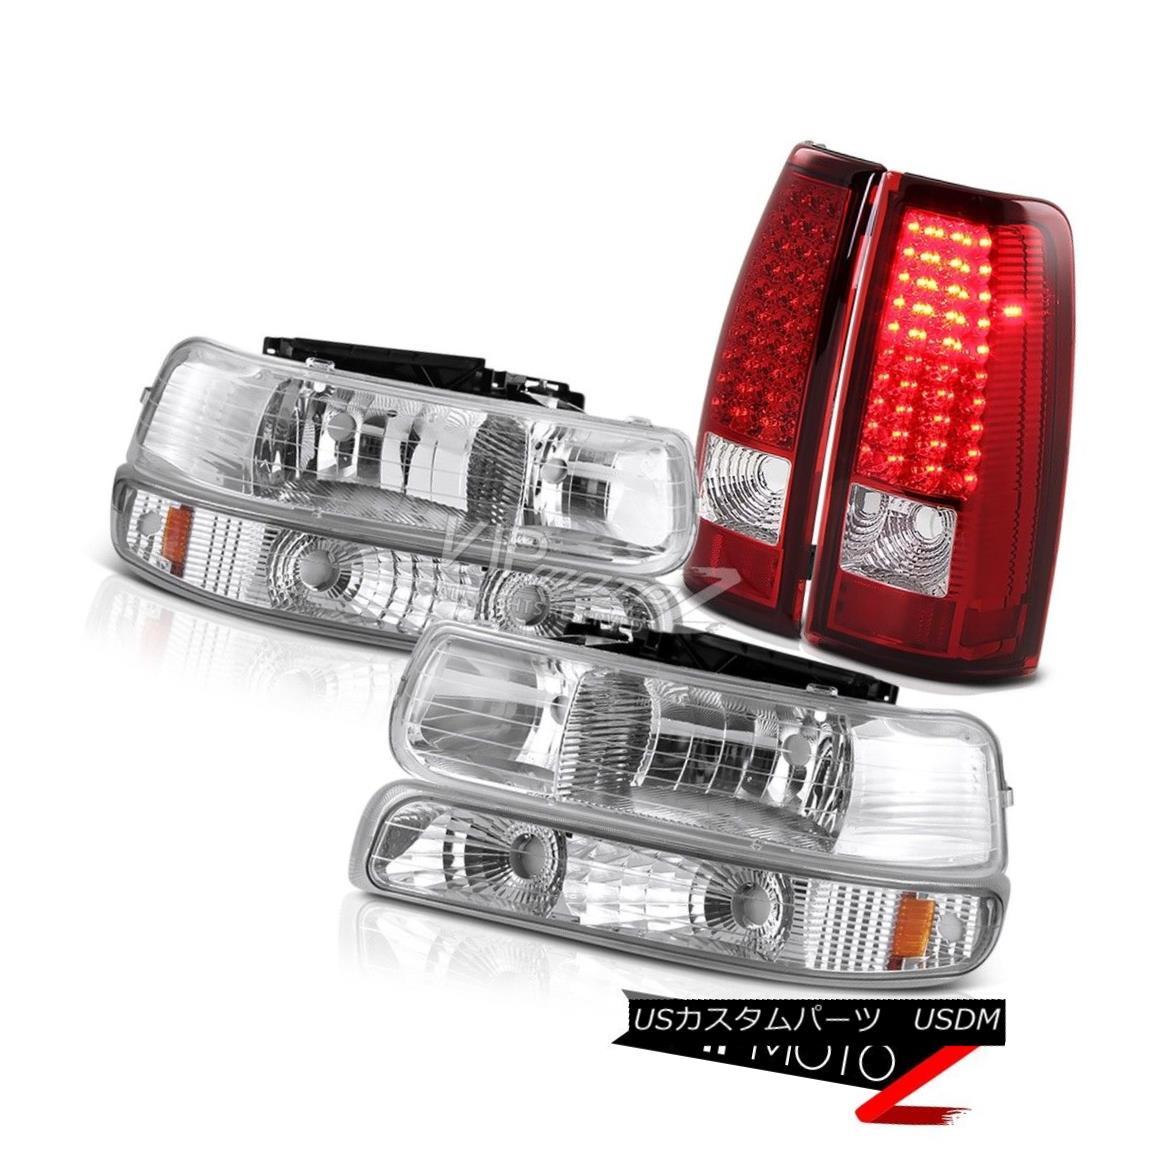 ヘッドライト 1999-2000-2001-2002 Chevy Silverado Signal Bumper Headlights LED Red Taillights 1999-2000-2001  -2002シボレーシルバラード信号バンパーヘッドライト赤色曇り灯